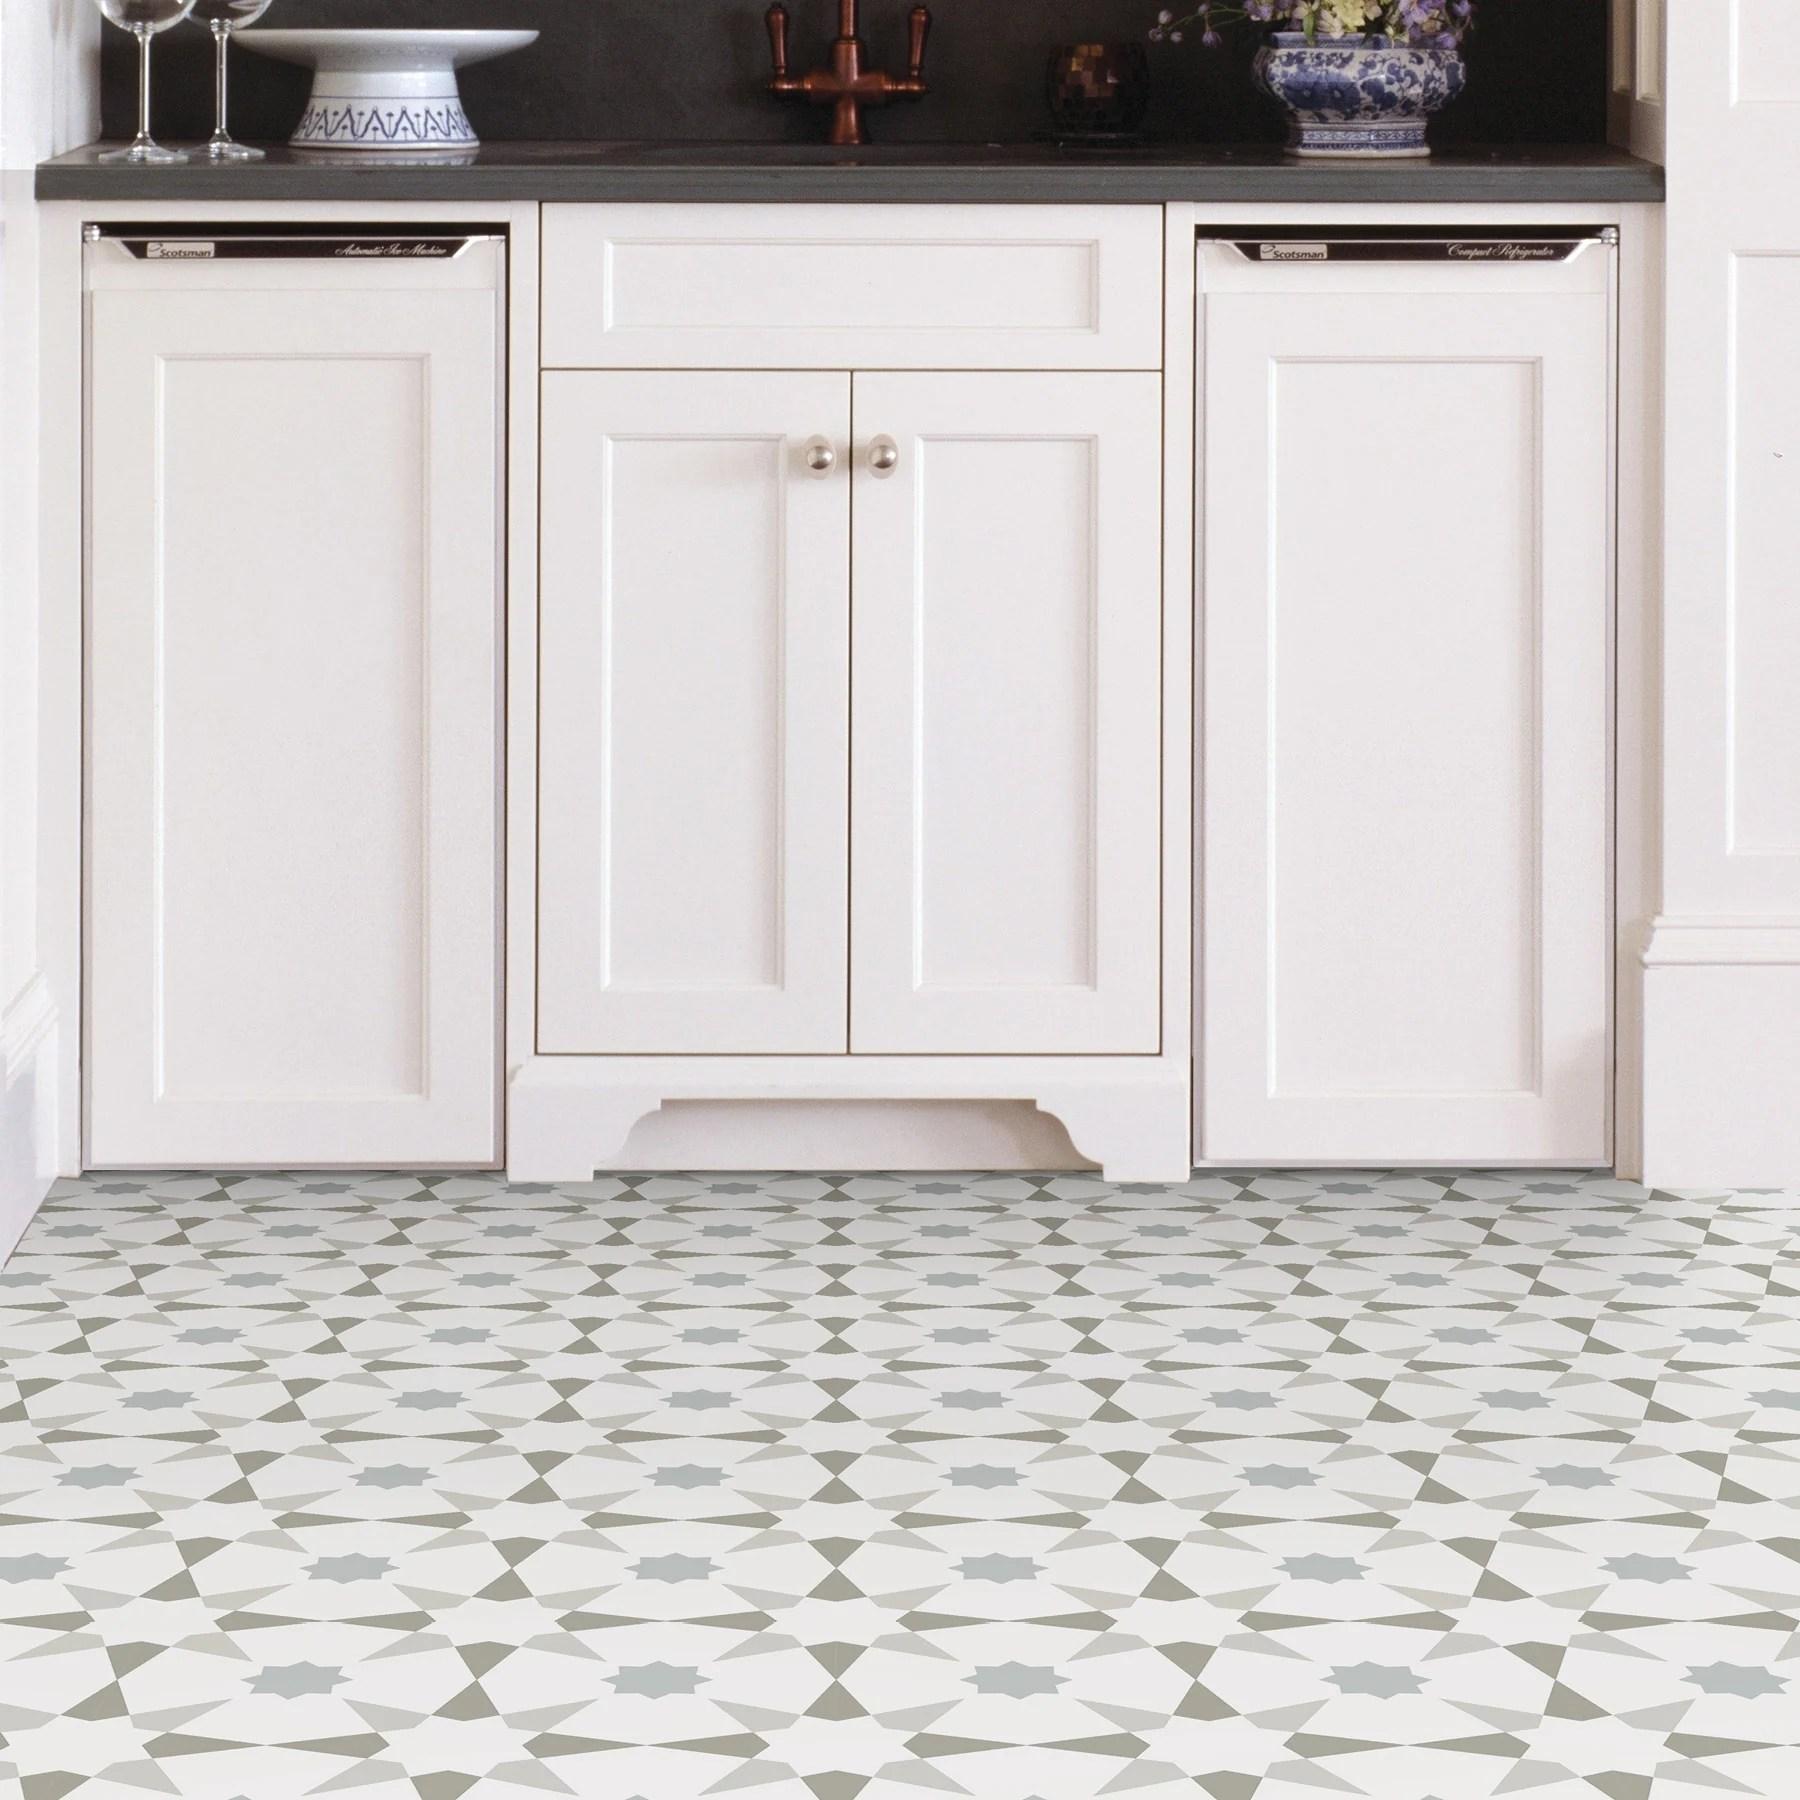 Shop Garfield Peel Stick Stellar Floor Tiles Overstock 30290814